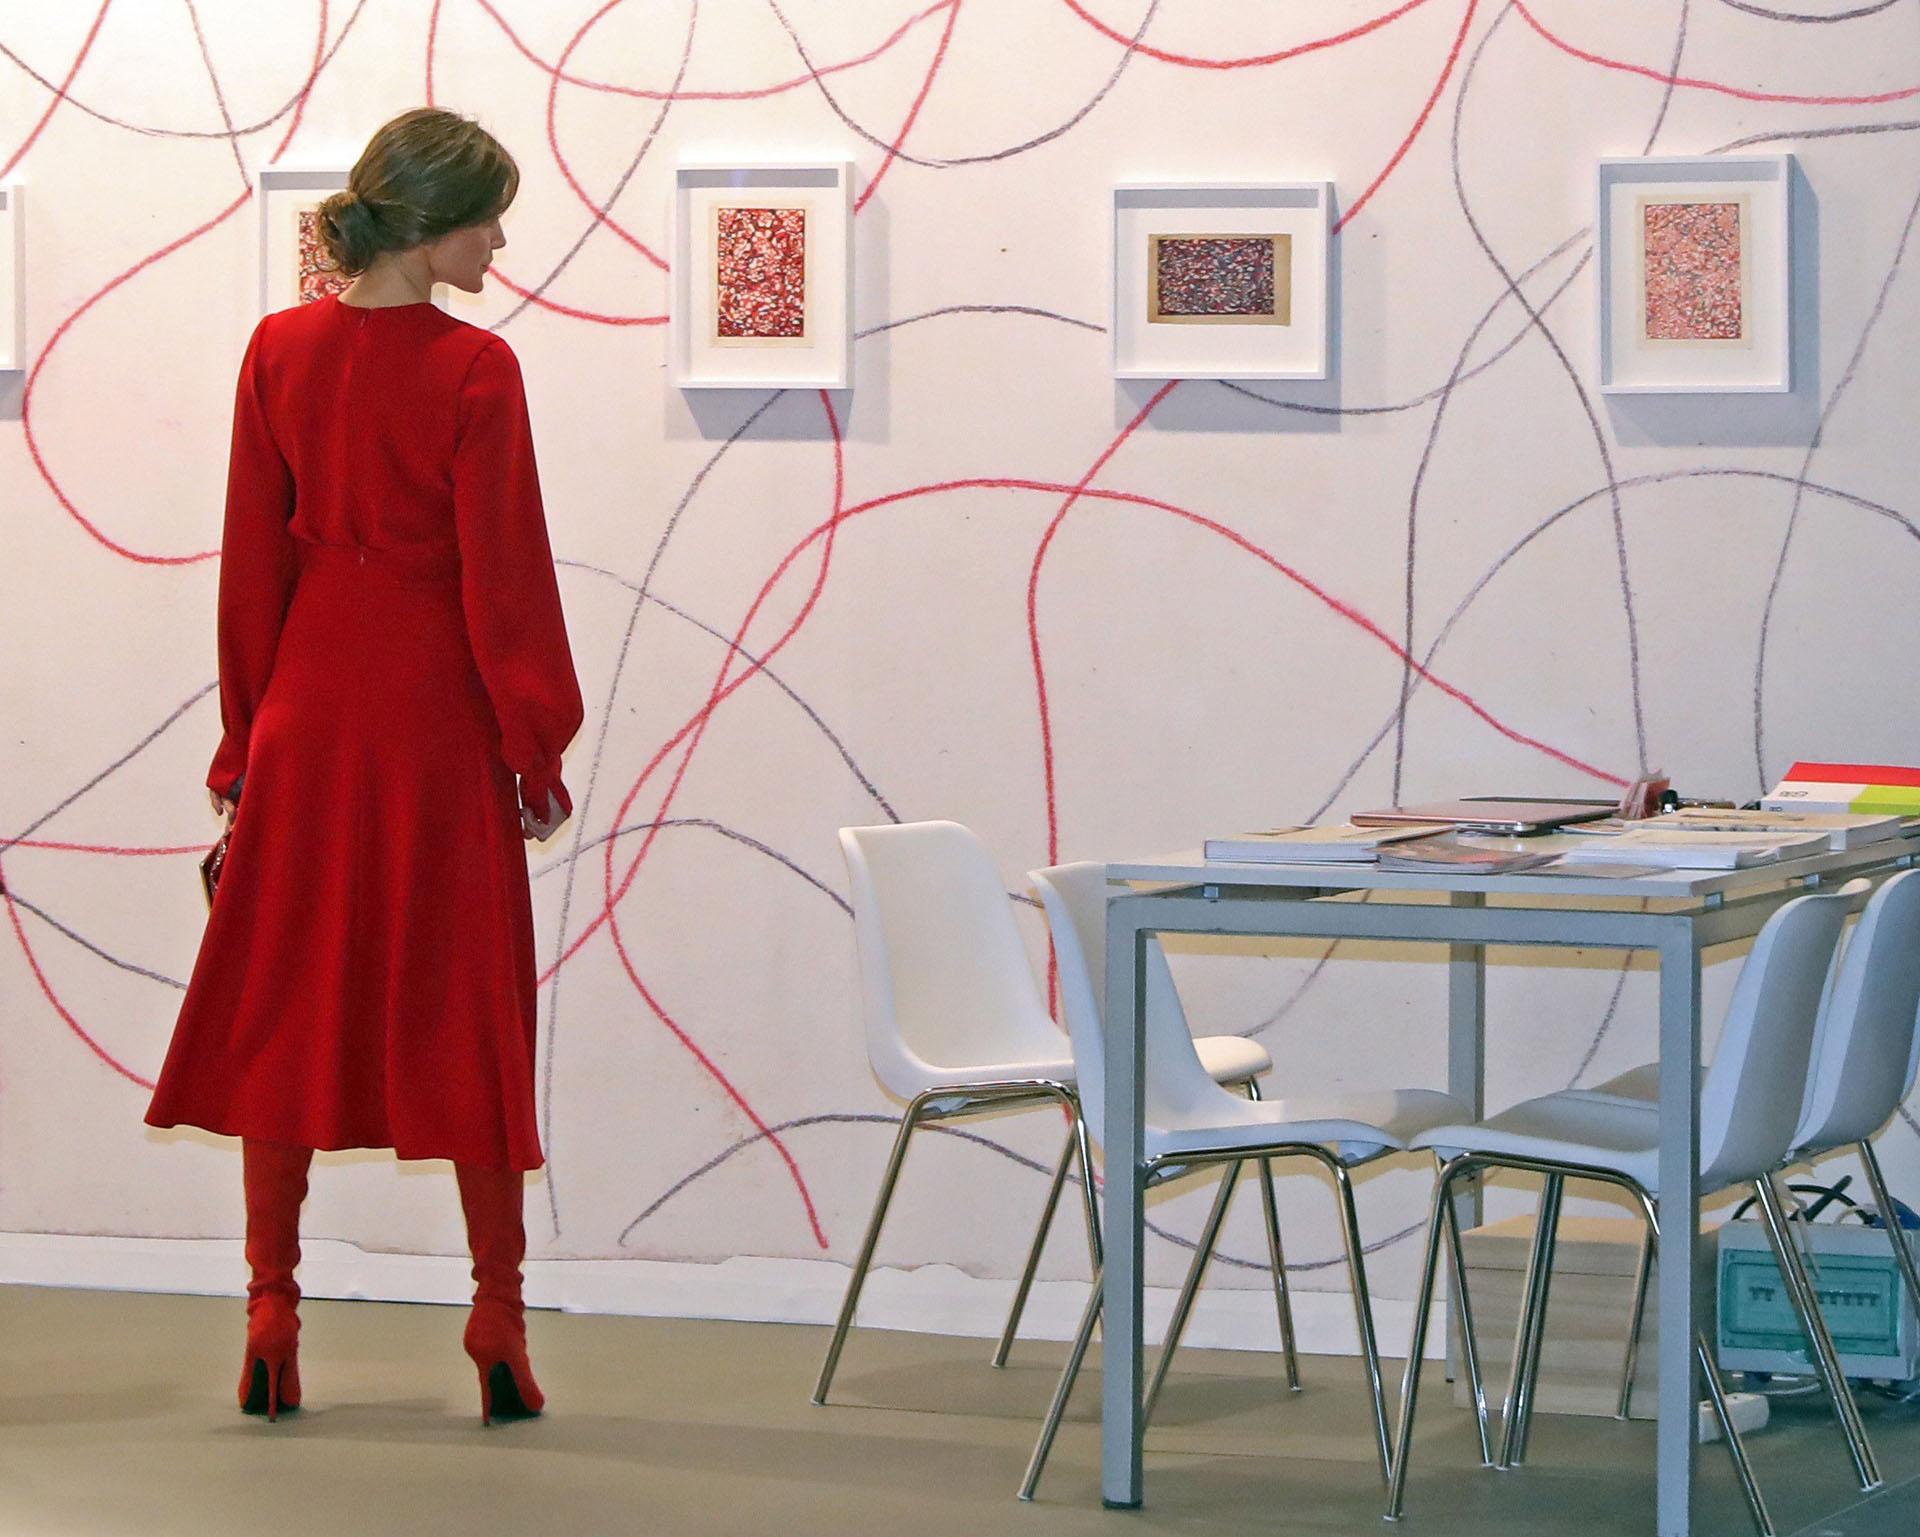 Letizia observa una de las obras que se exponen en la galería de Barbara Thumm, durante la inauguración oficial de la Feria Internacional de Arte Contemporáneo ARCO 2018